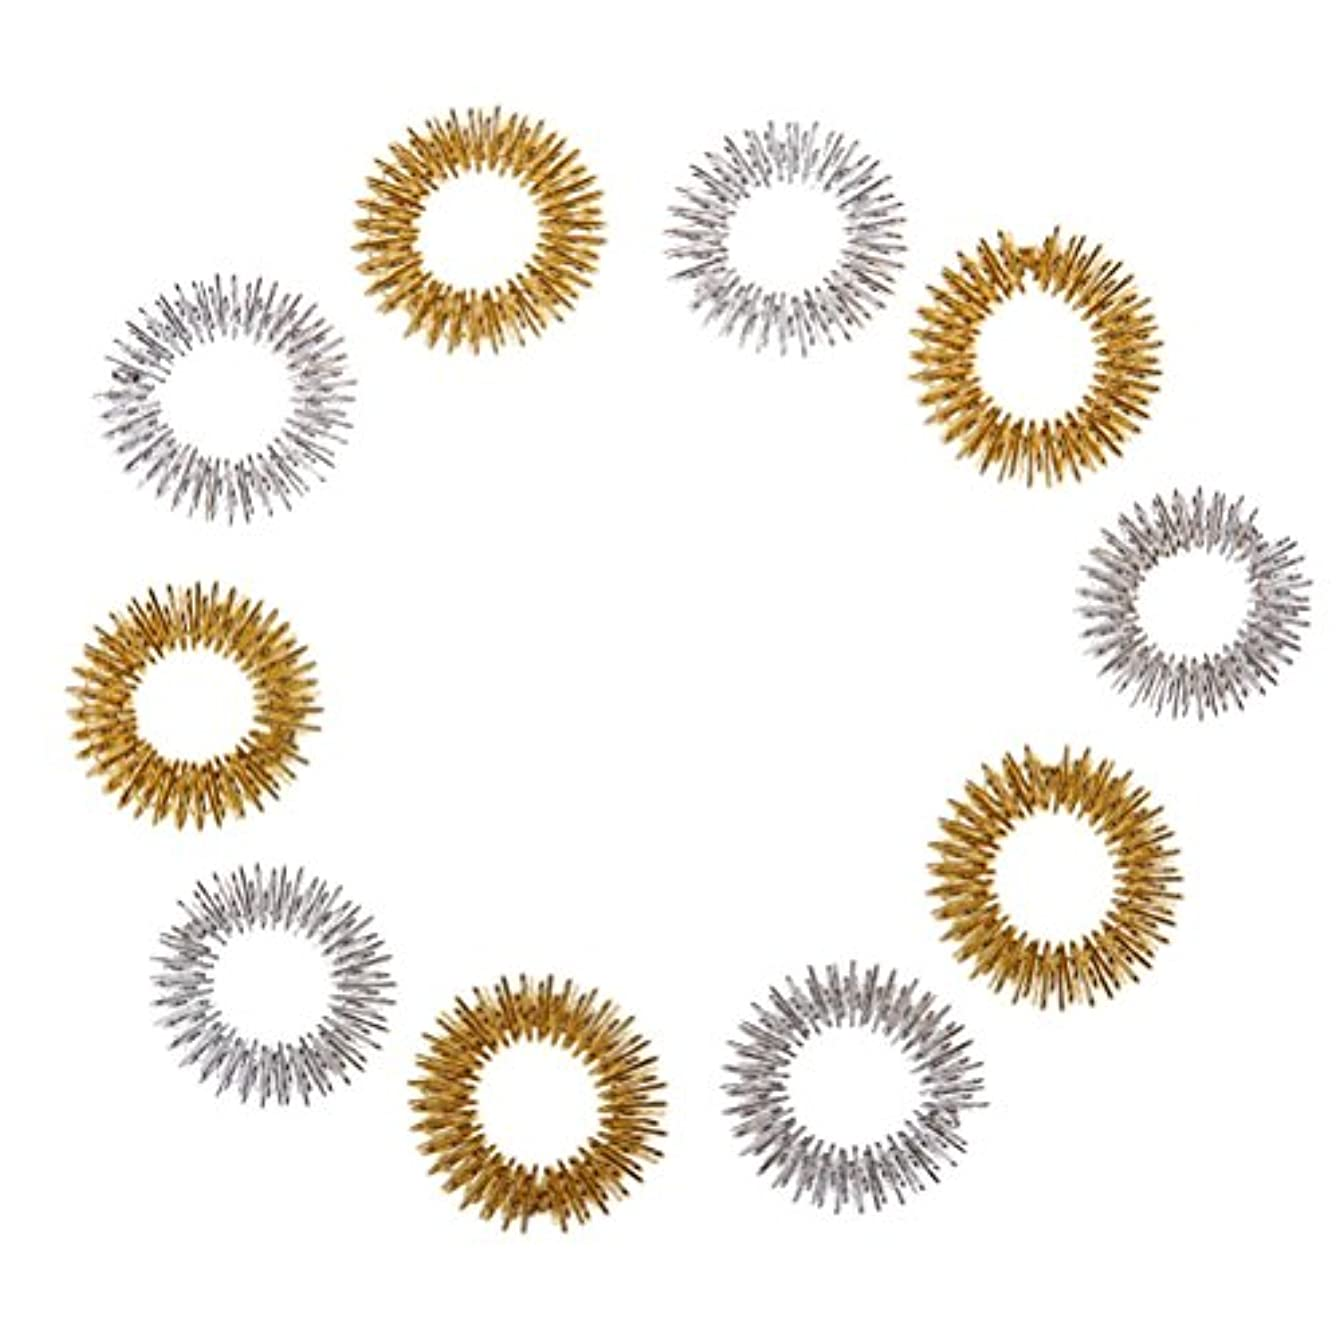 ゆるい手紙を書く損傷SUPVOX 10ピース指圧マッサージ指輪循環リング子供のための十代の若者たち大人ランダム色